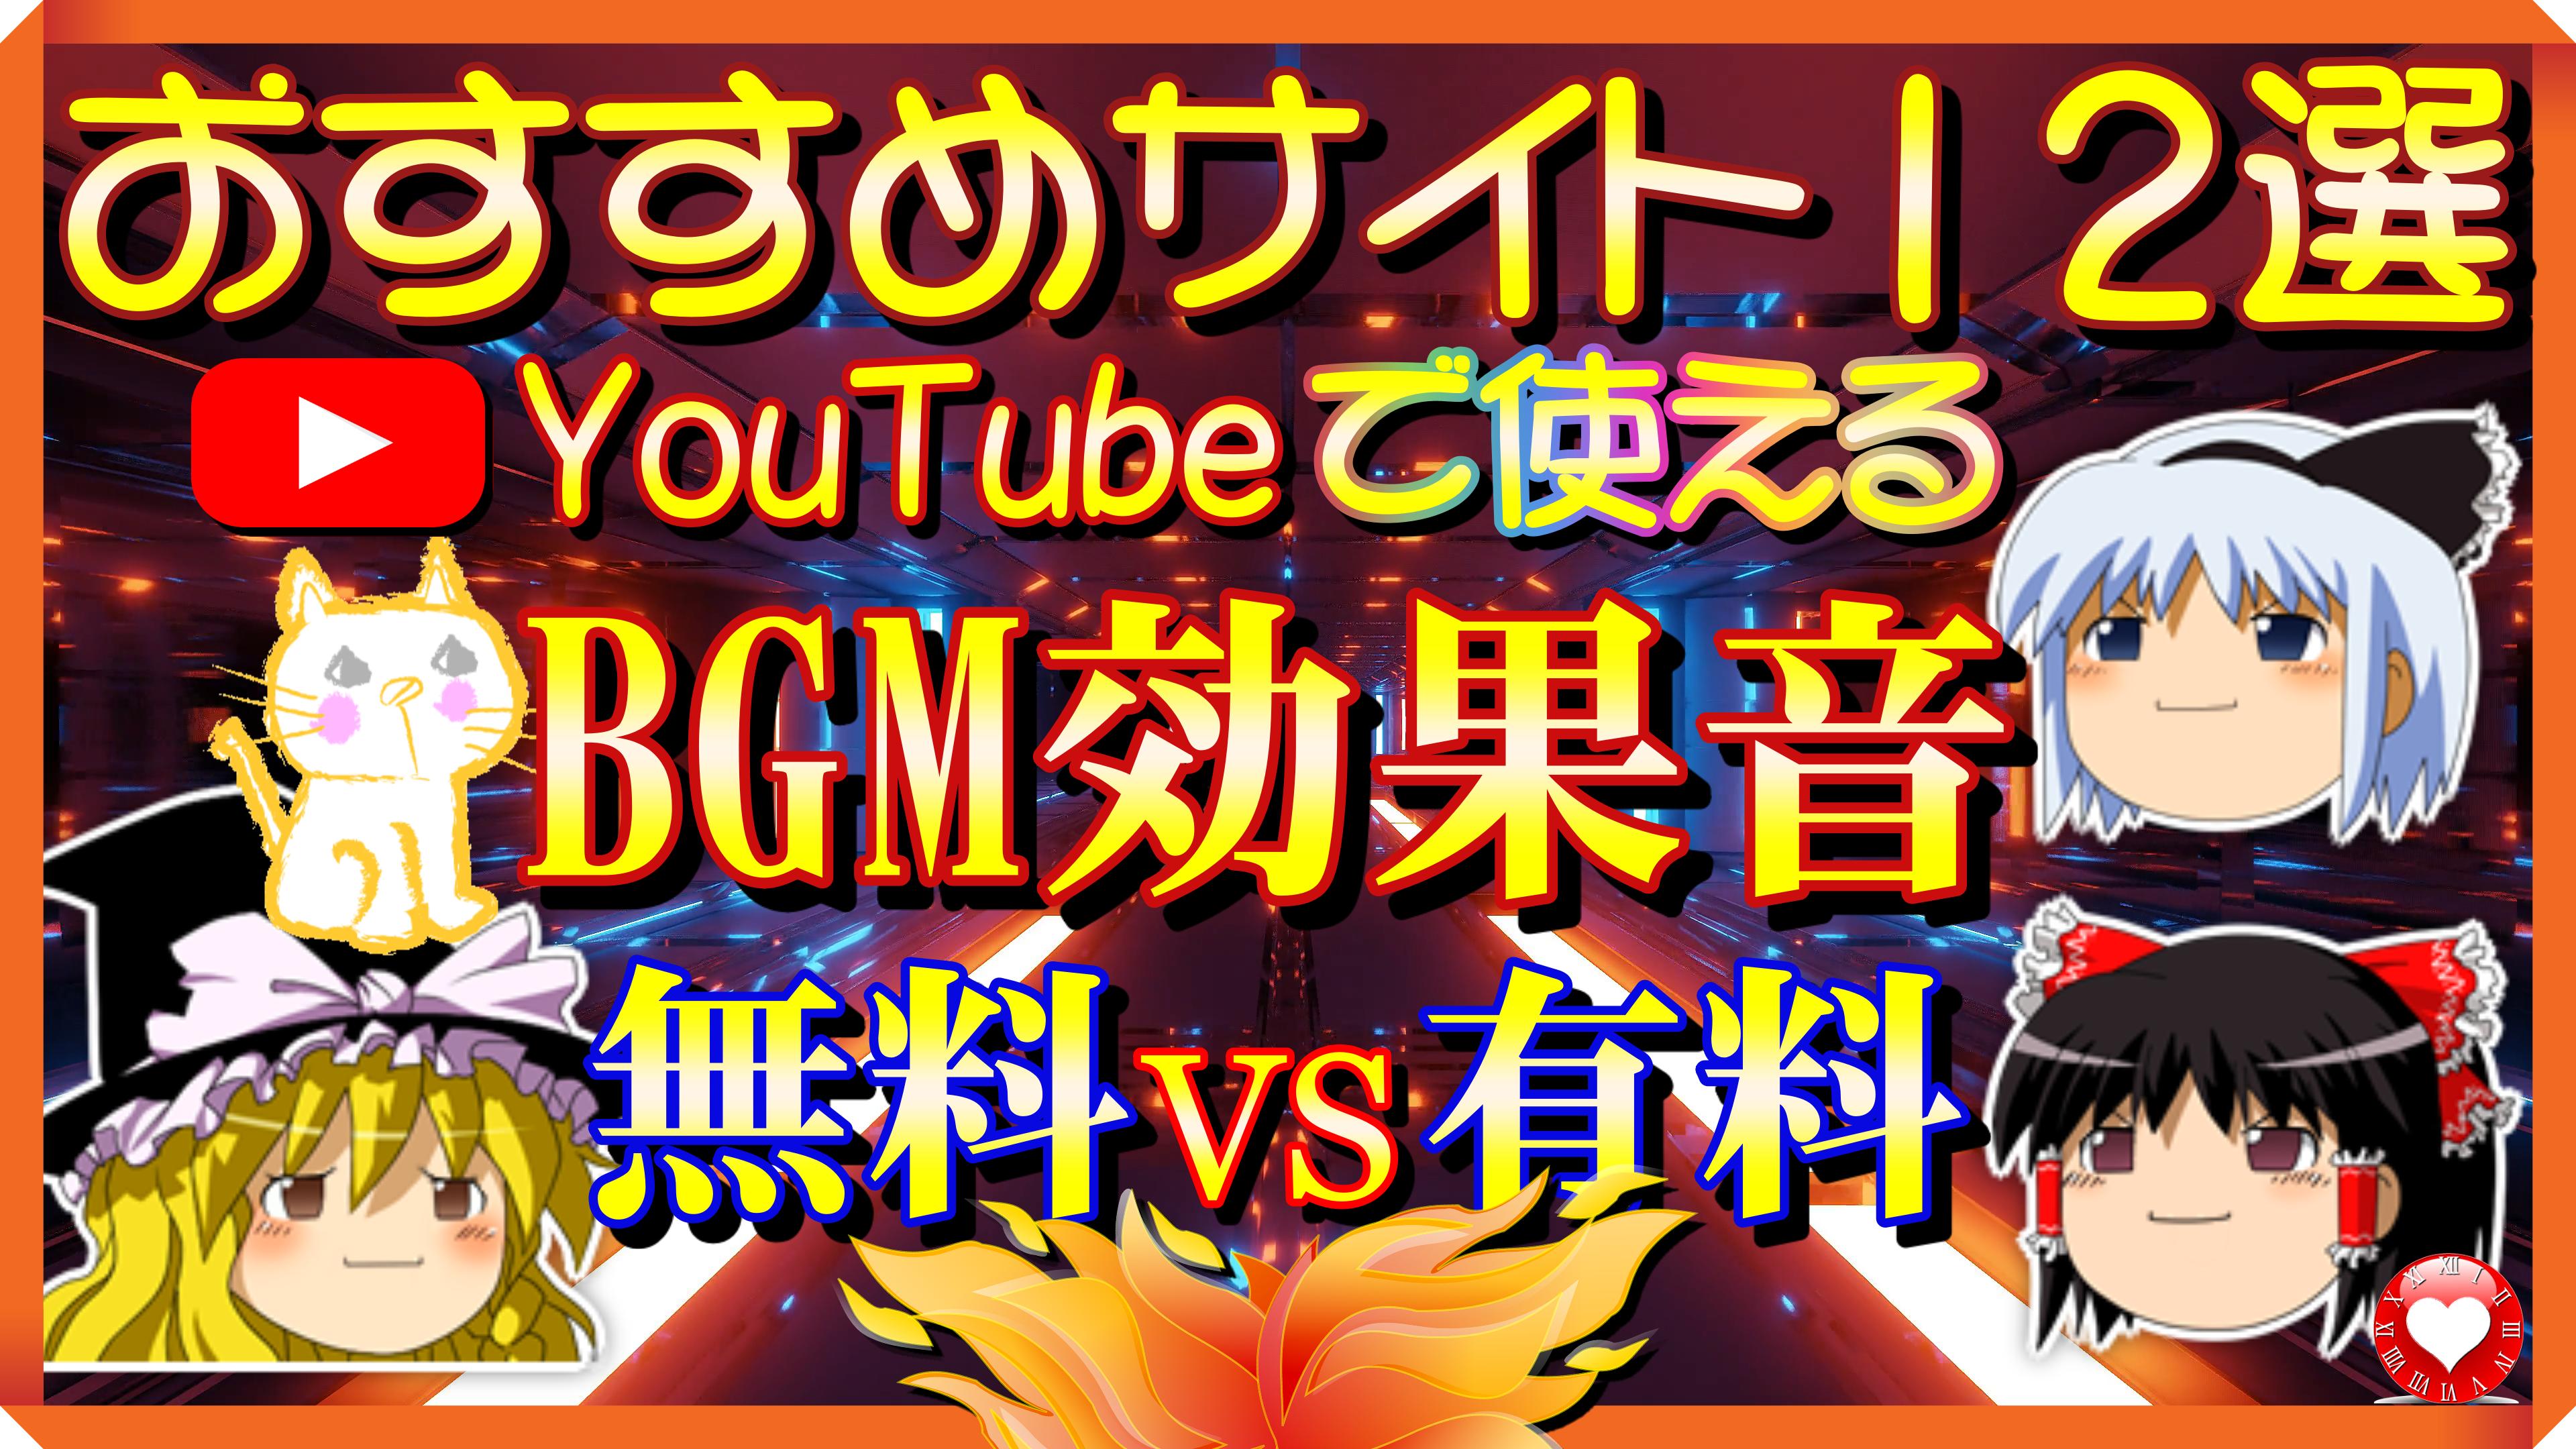 YouTubeで使えるBGM効果音おすすめサイト12選(無料&有料)